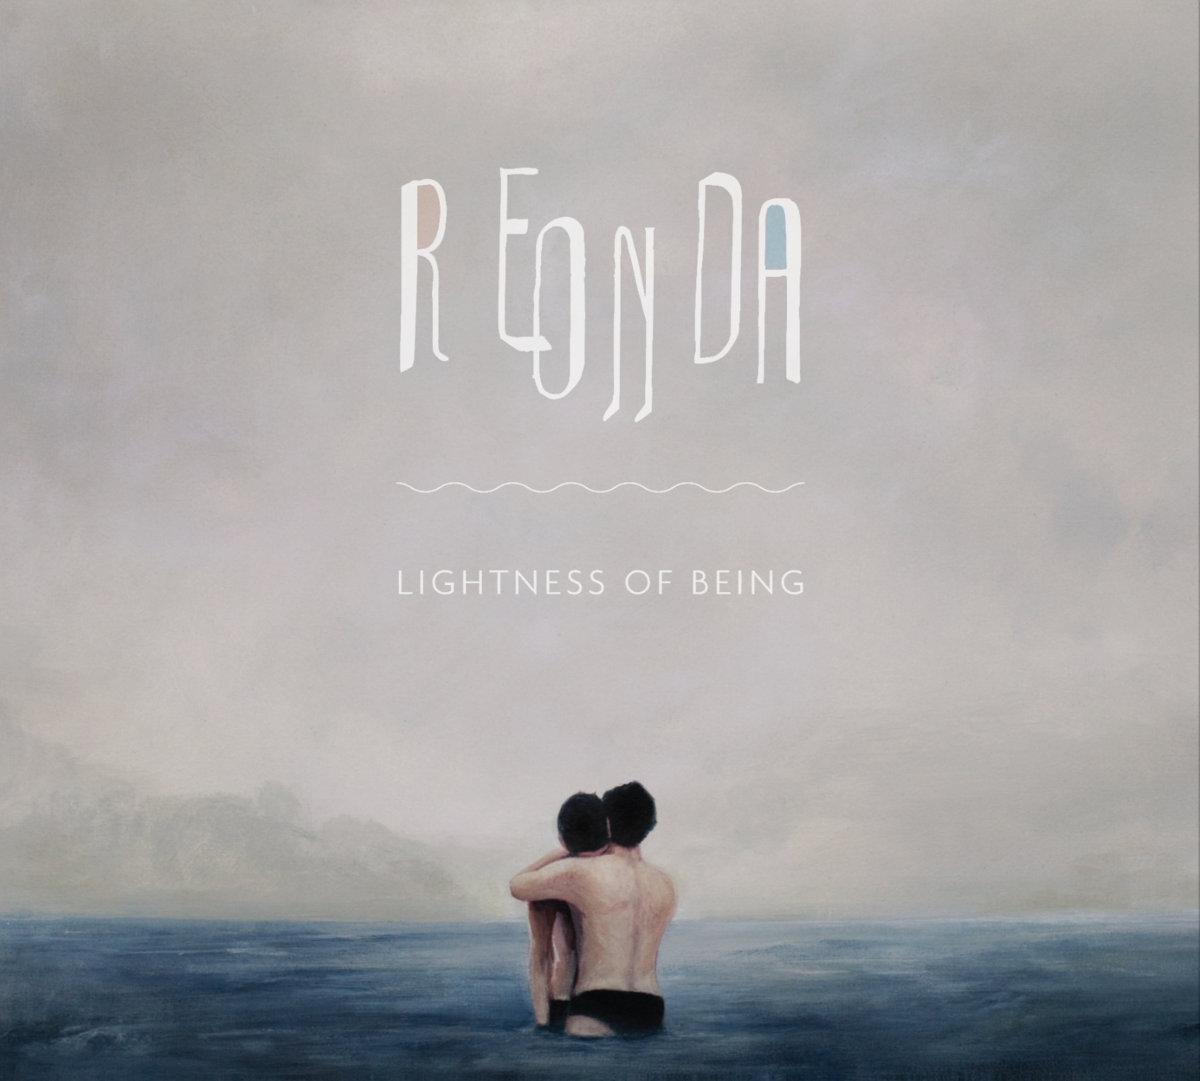 Reonda Lightness of Being LRG